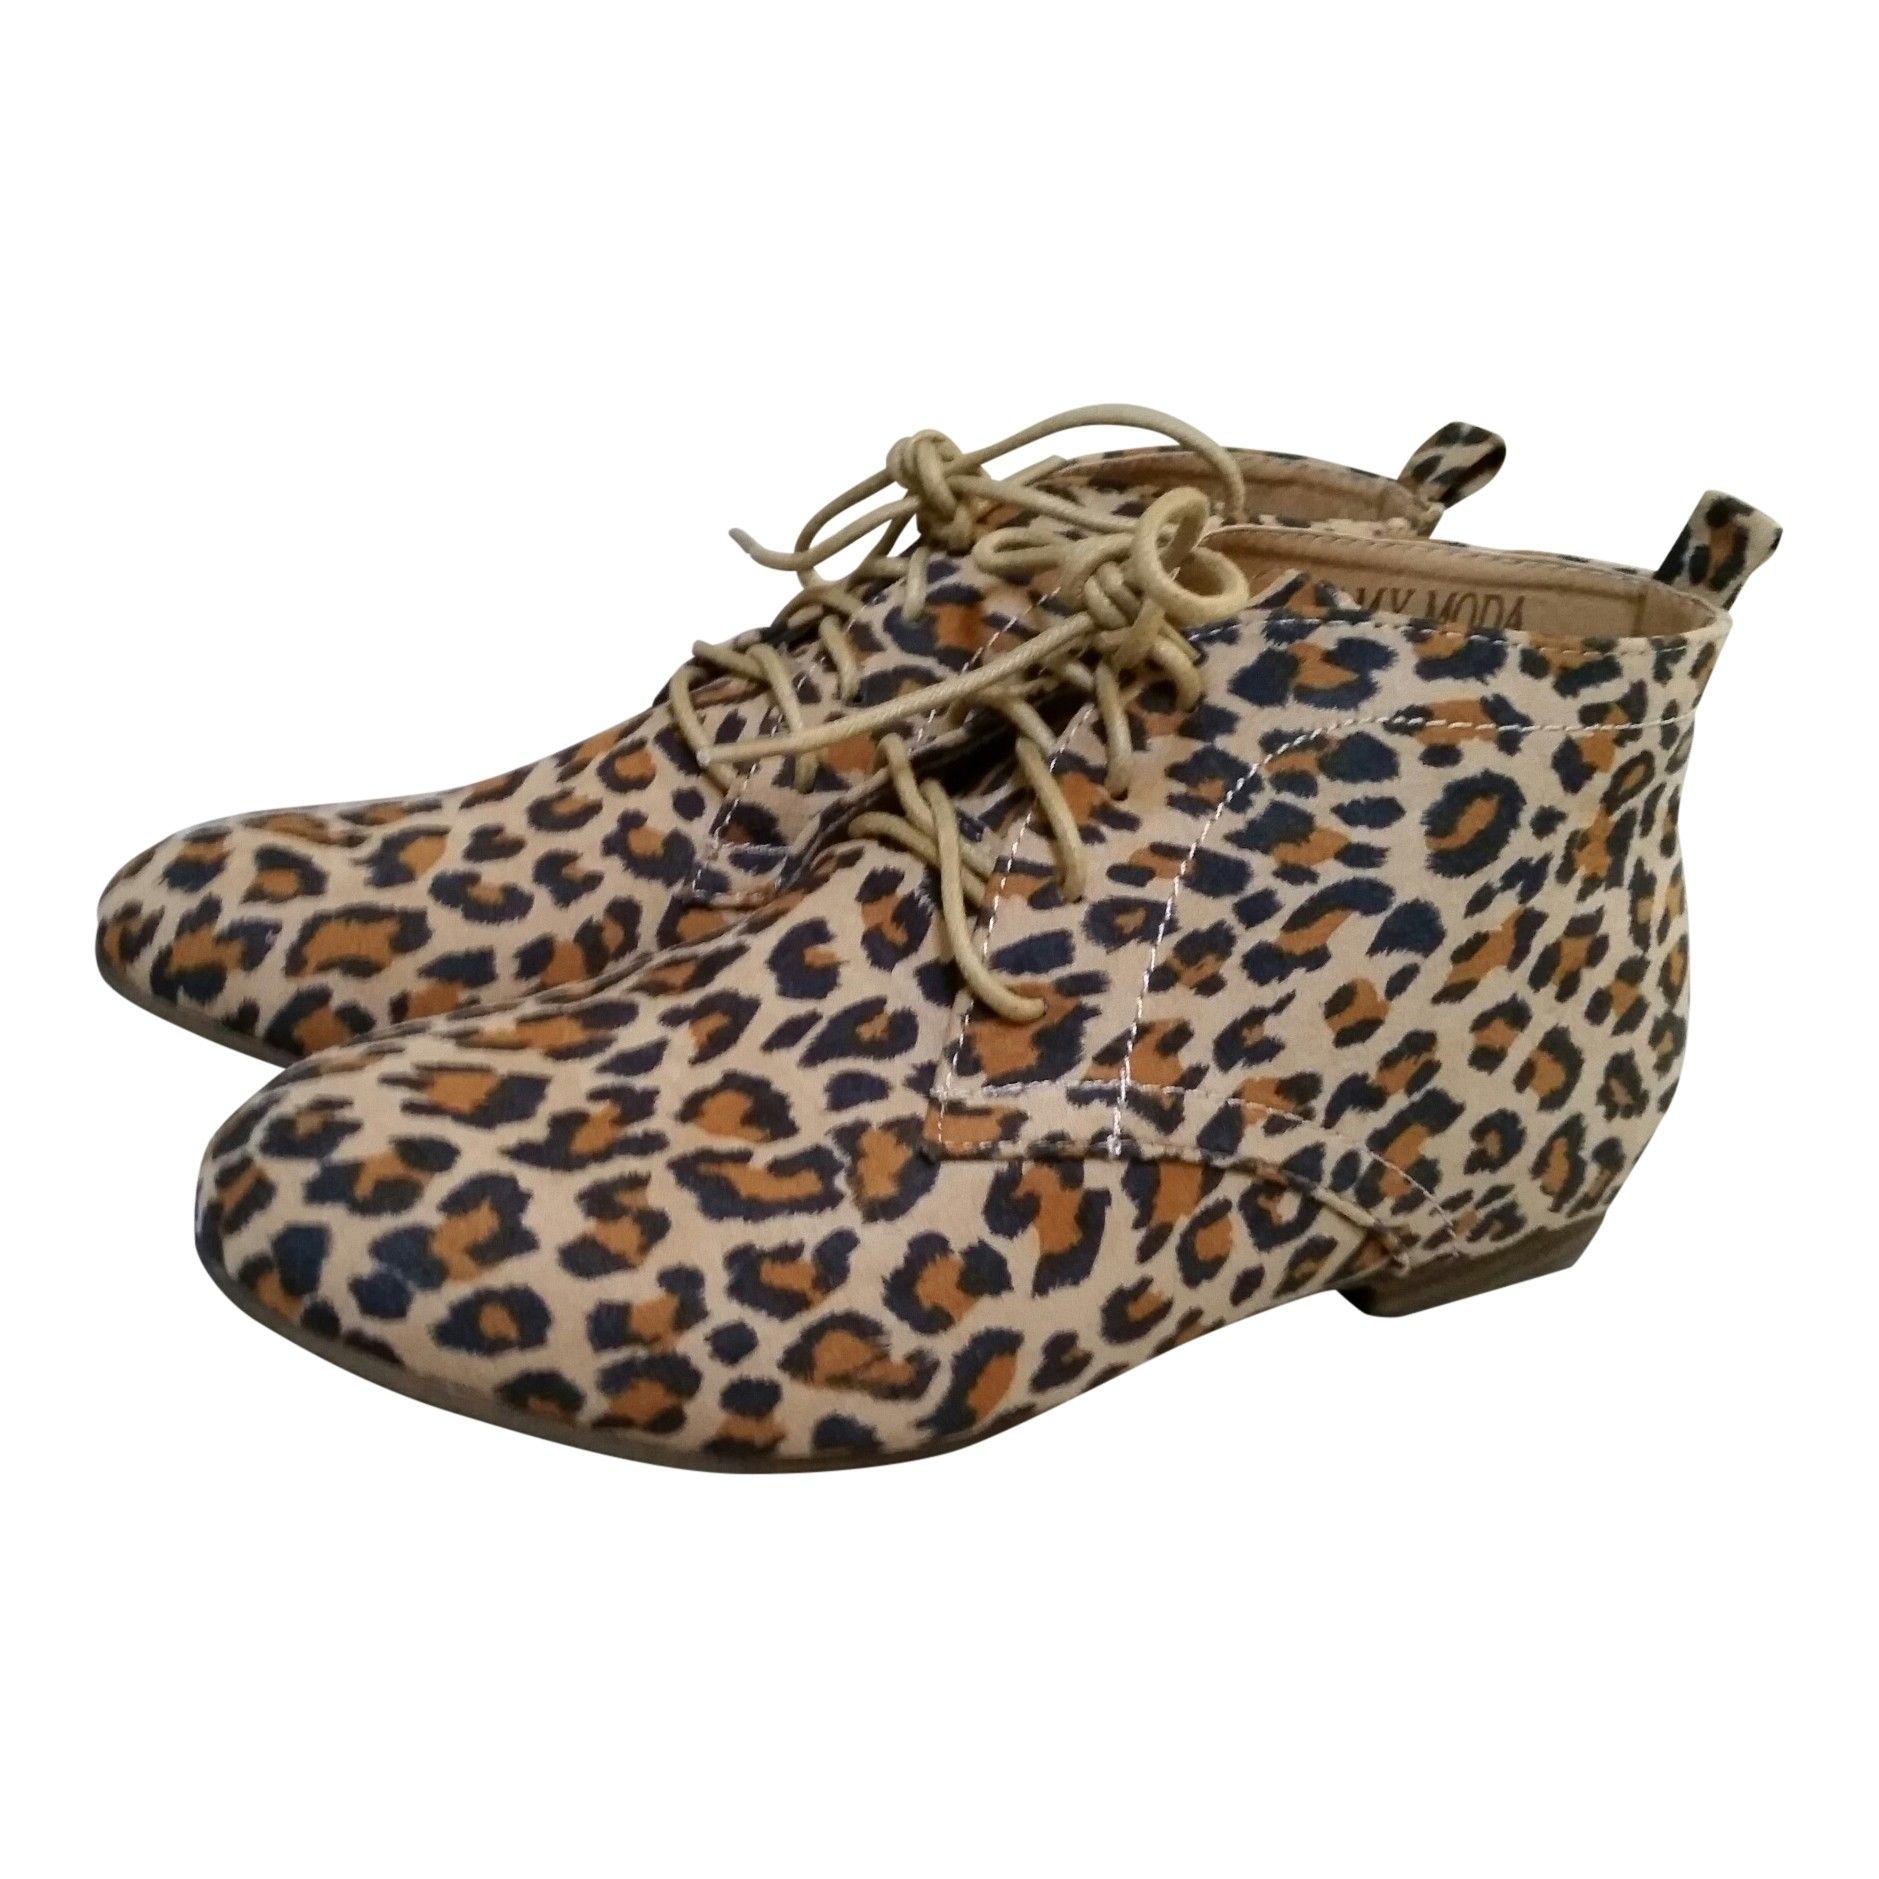 Leopard - De leopard print heeft een comeback gemaakt en hoe! Deze schoenen lopen heerlijk comfortabel en kunnen gedragen worden onder iedere outfit, of dit nu een werk- of casual outfit is.